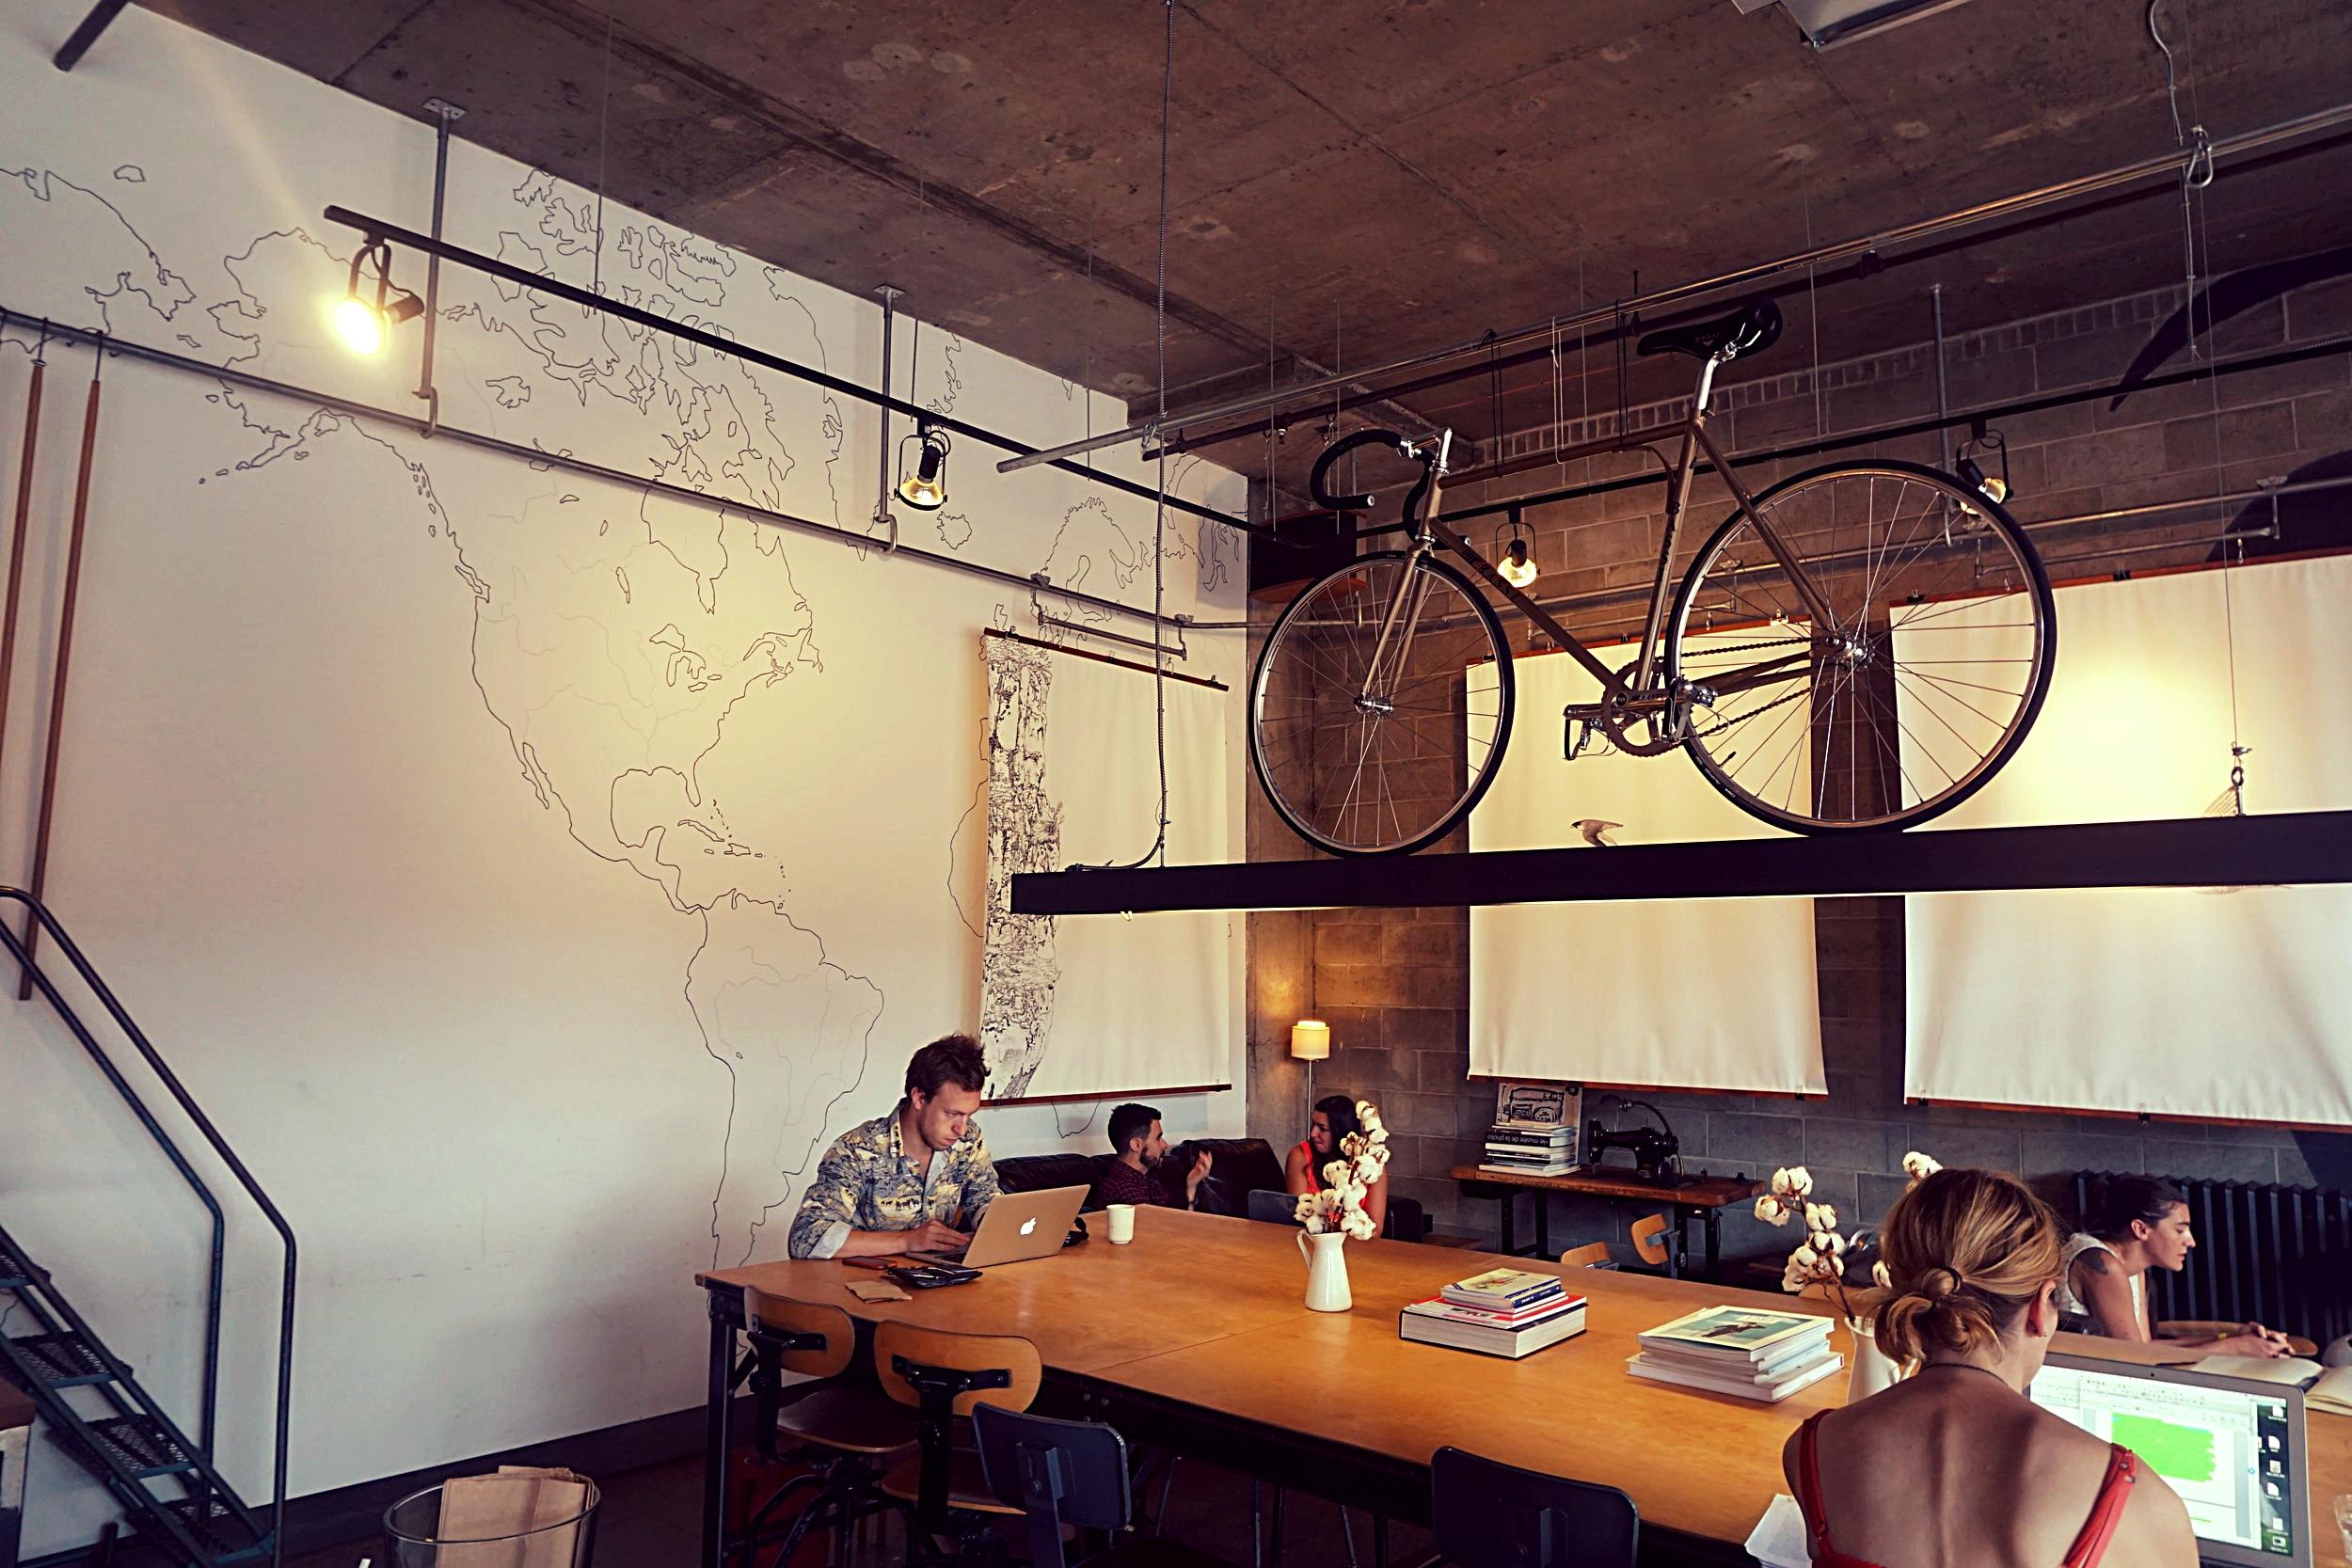 Café le Falco    Address: 5605 avenue Gaspé, Montréal